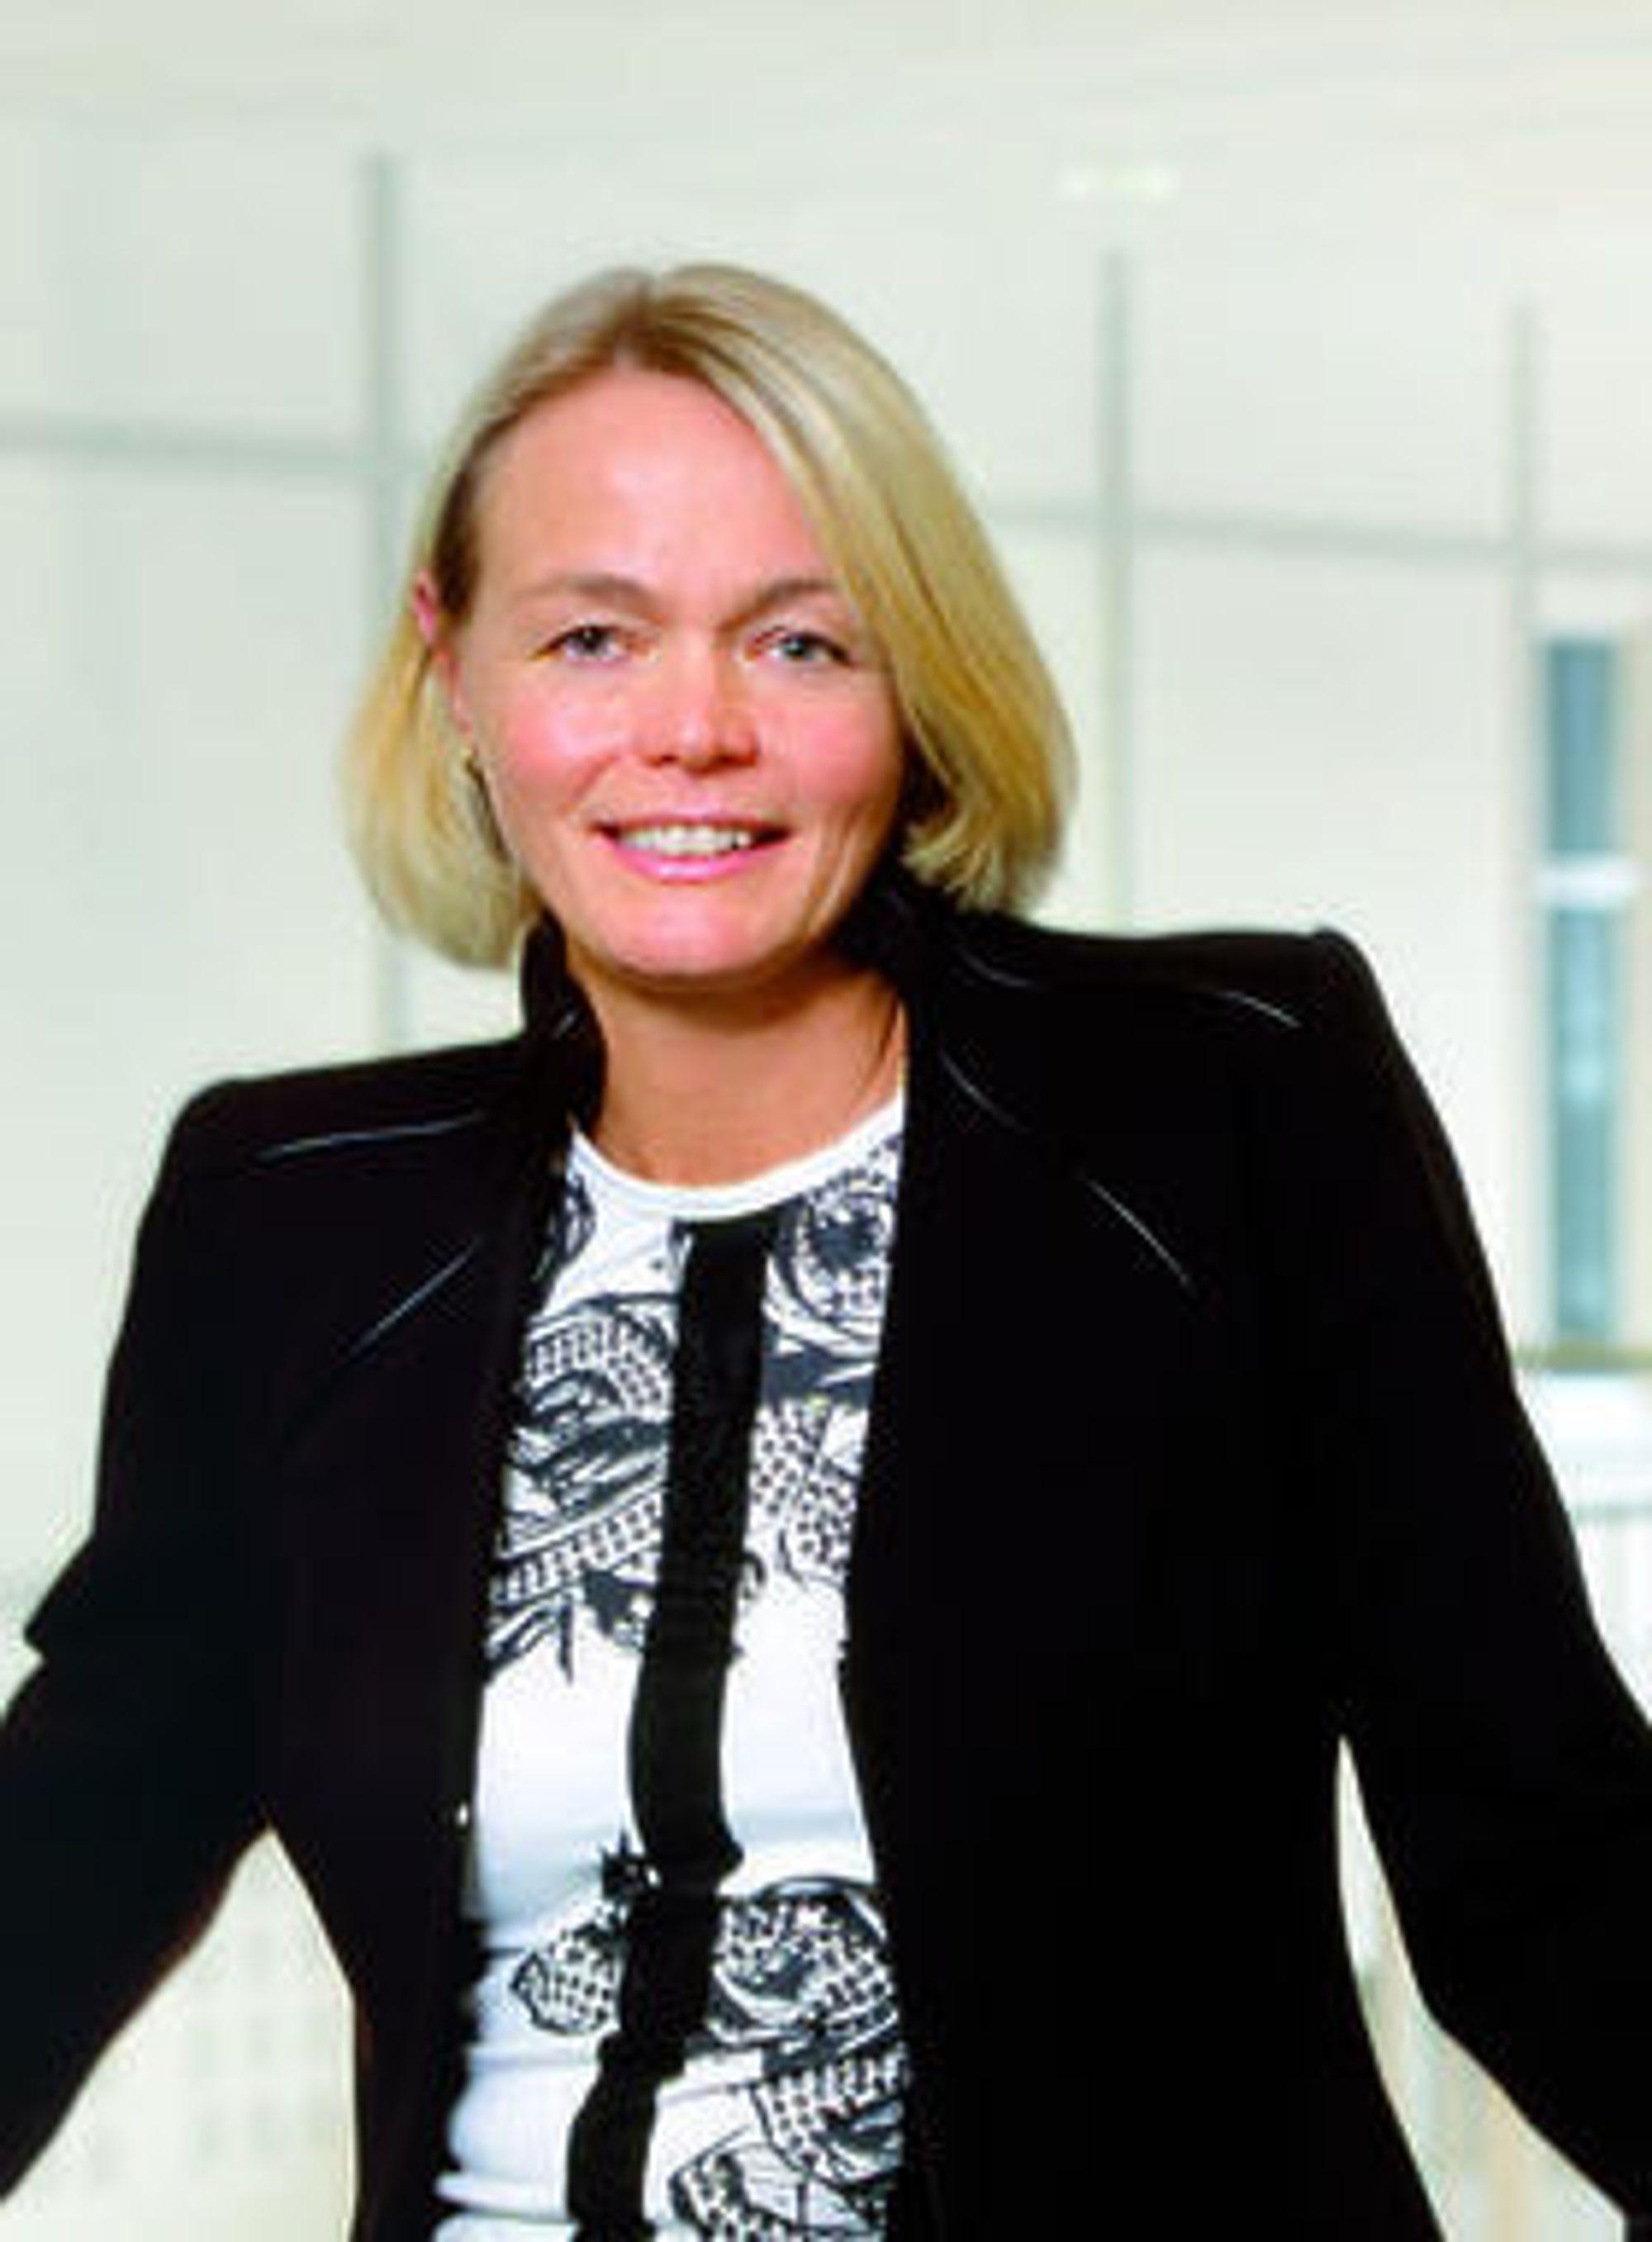 - Vi er tilbake i vår normalt gode utvikling, og har lagt bak oss et sterkt år, sier konsernsjef Grethe Viksaas i Basefarm.